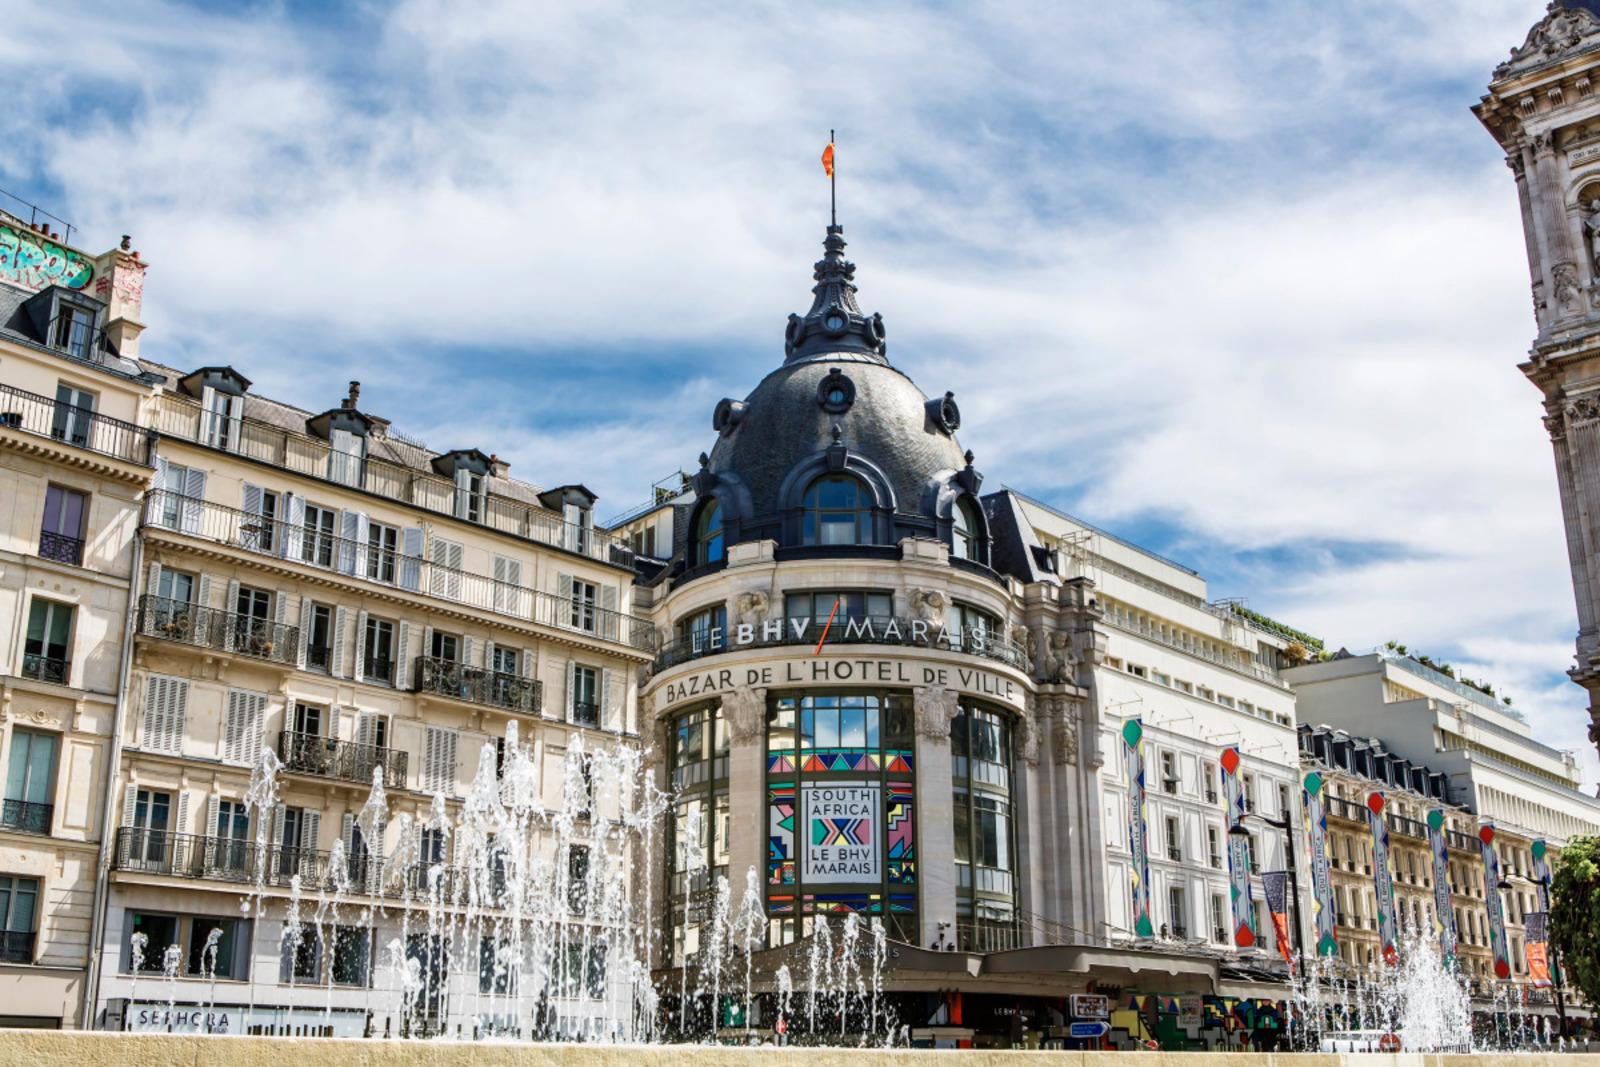 Bazar de l'Hôtel de Ville (BHV)%252C façade avec fontaines en 1er plan%252C Paris 2017. Capelle Tourn %252F Ooshot %252F CRT Paris Ile-de-France